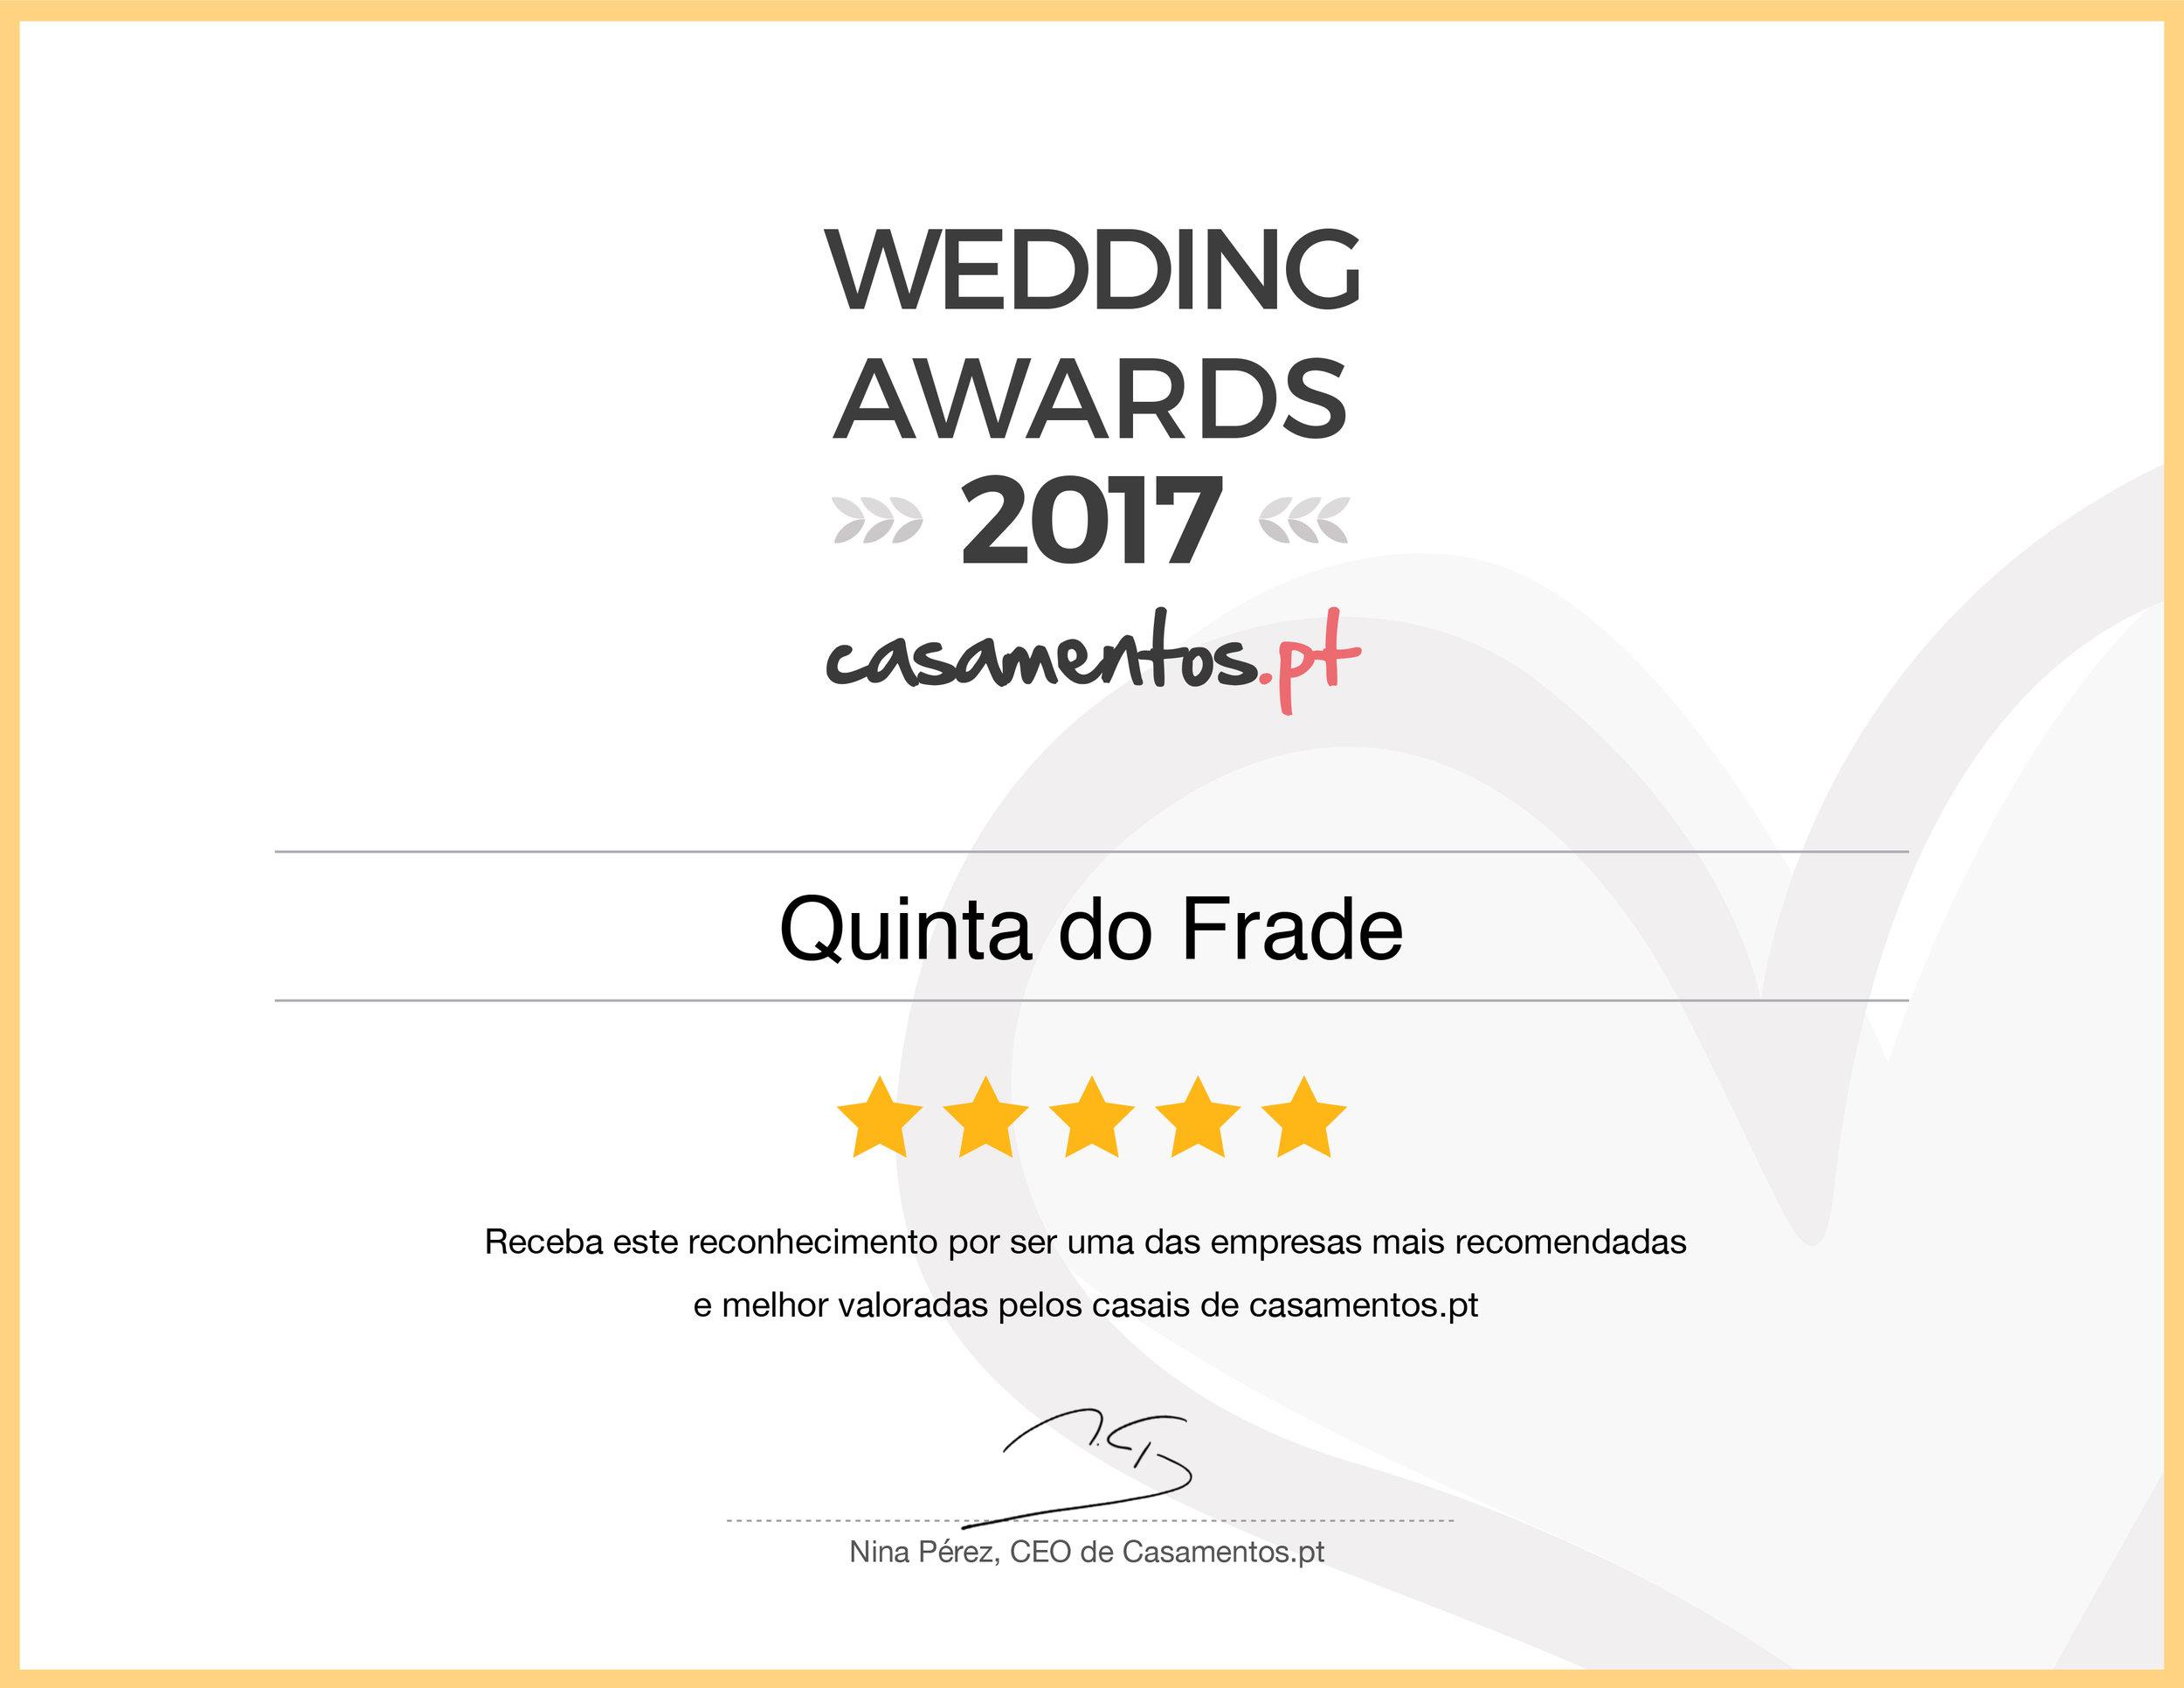 Quinta-do-Frade-Wedding-Awards-2017